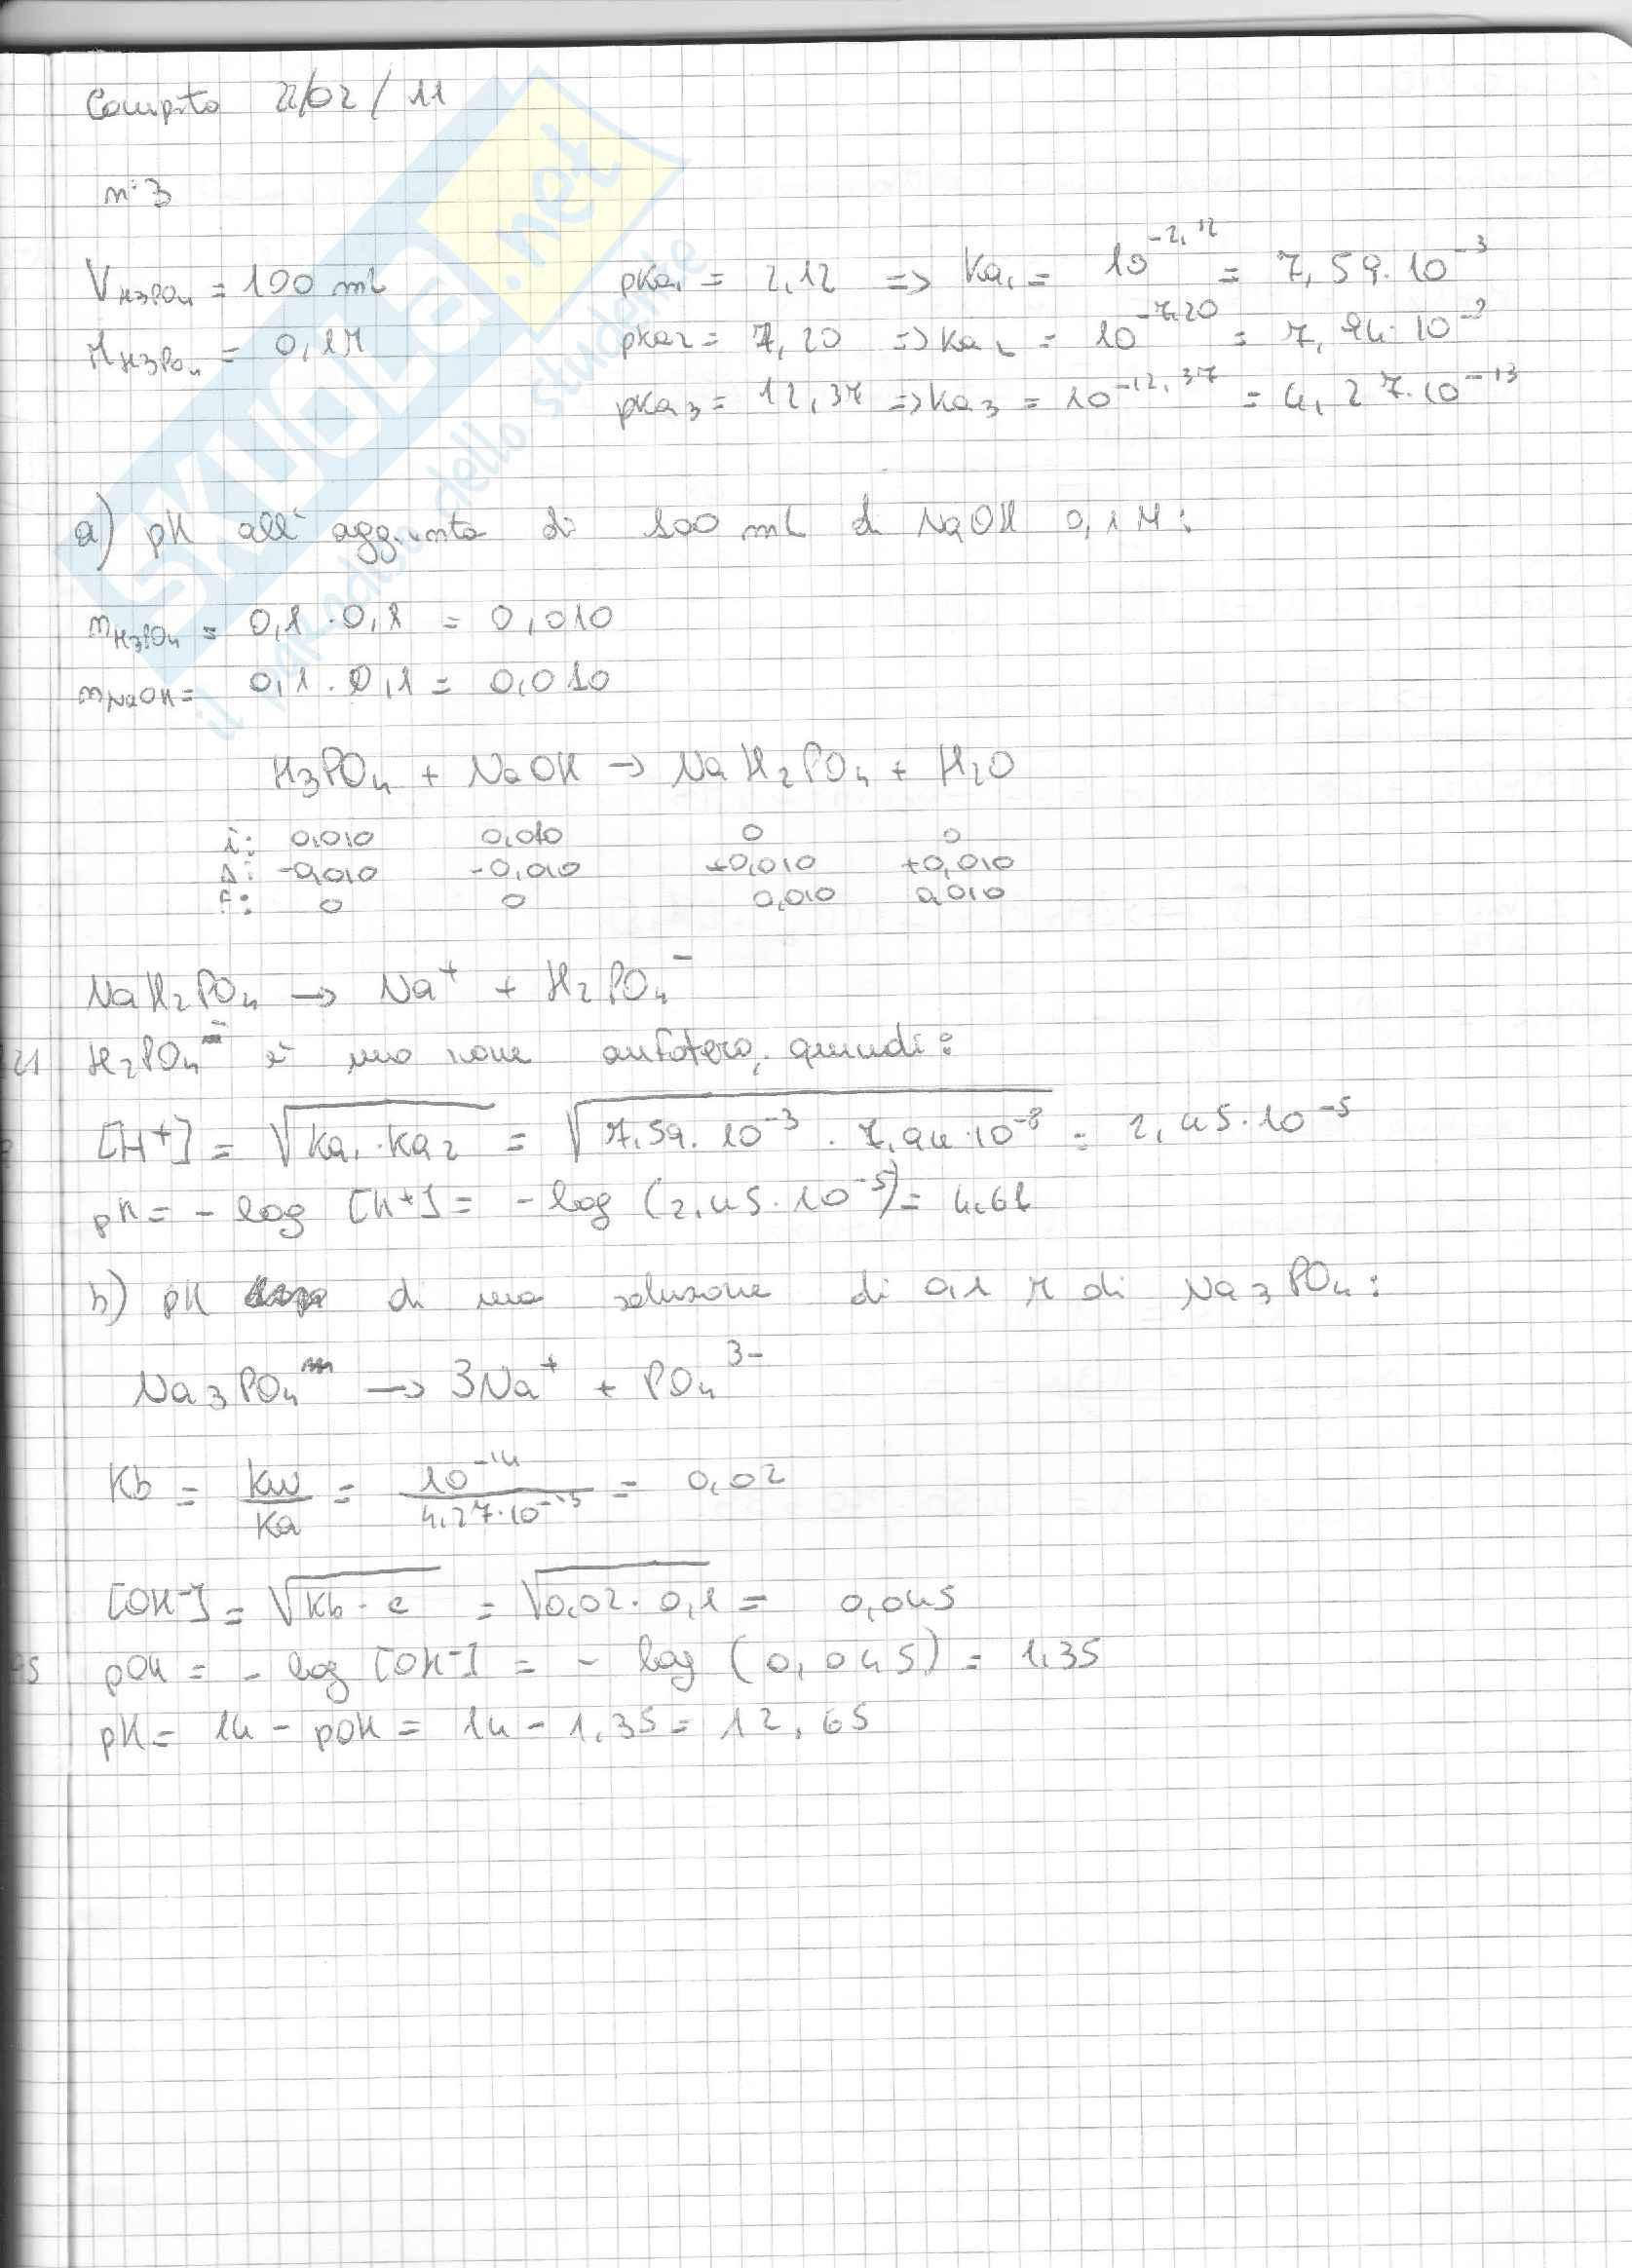 Esercizi Svolti Di Chimica Inorganica Pag. 11